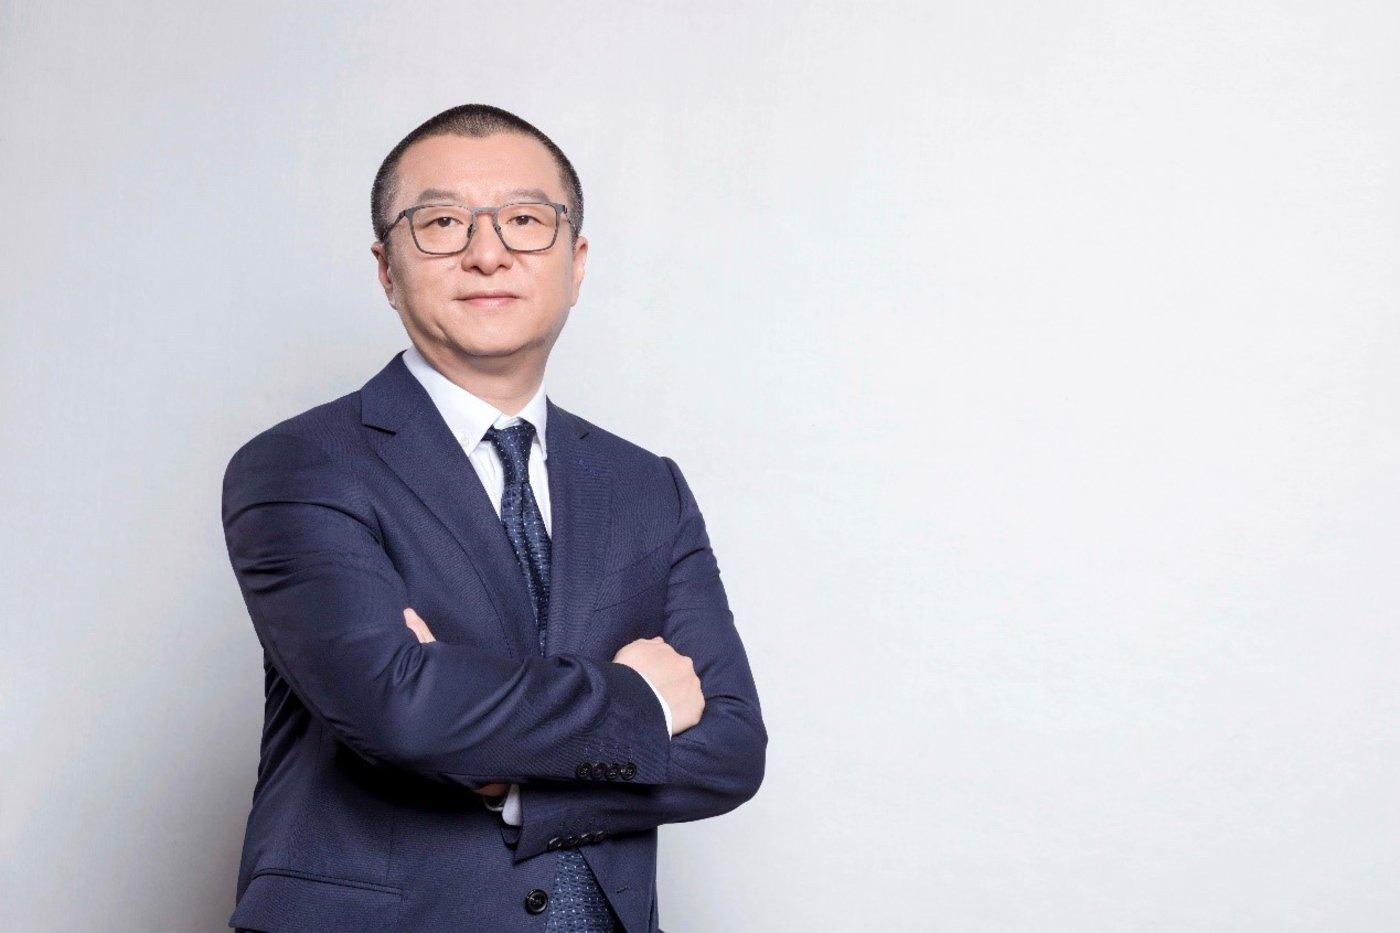 微博COO、新浪移动CEO 王巍